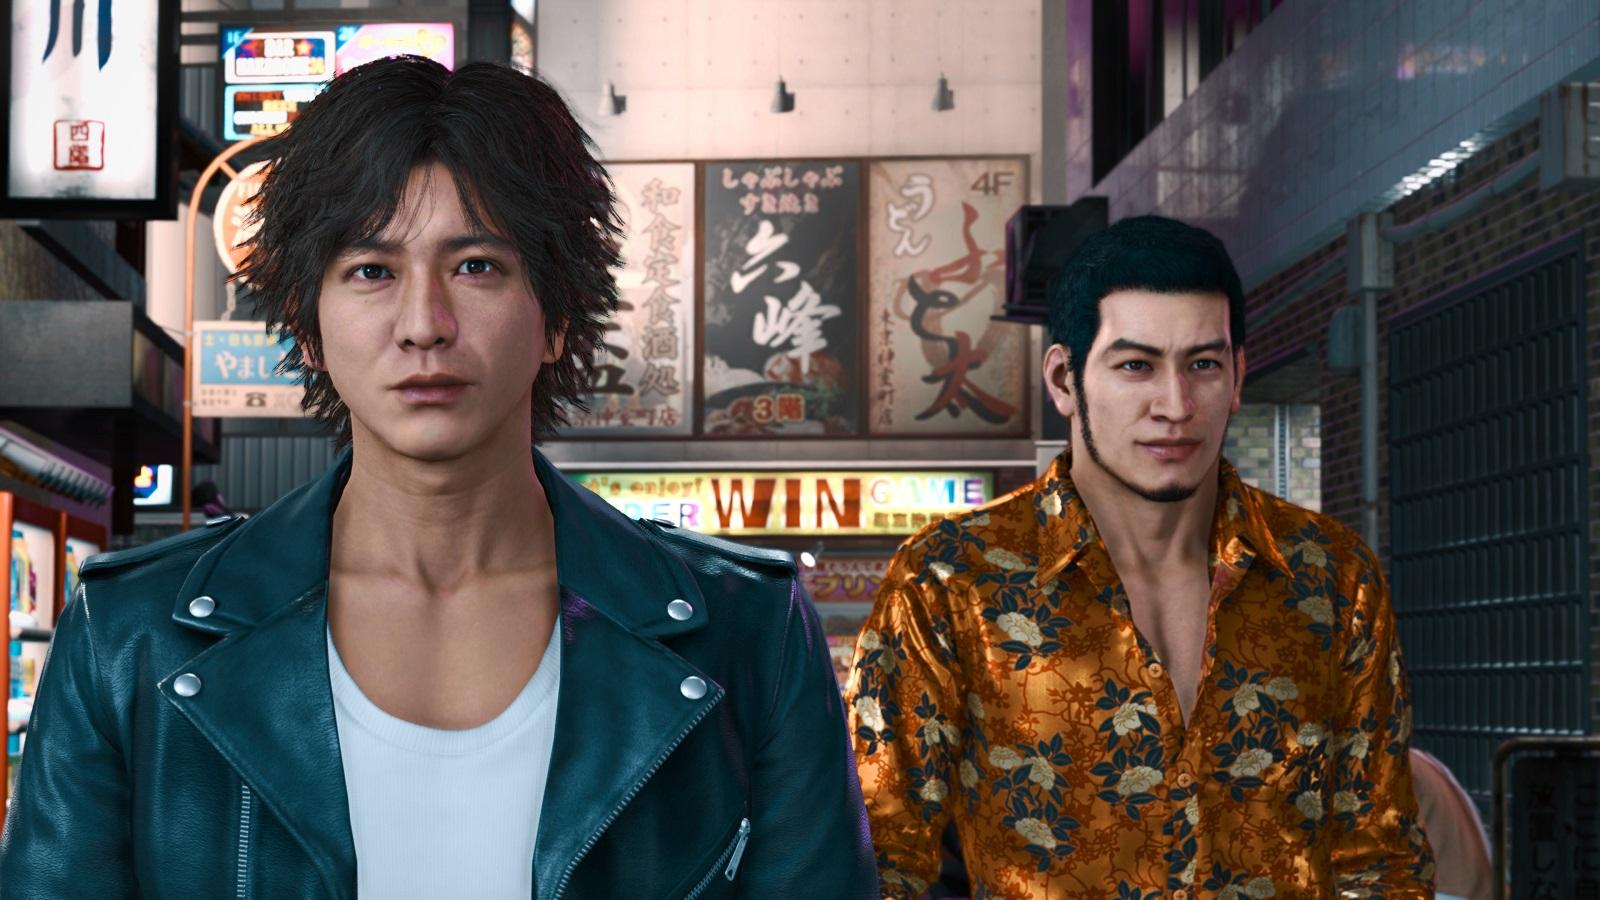 Блогер сравнил Judgment для PS4 и PS5 — изменения видны невооружённым глазом, но пришлись по душе не всем